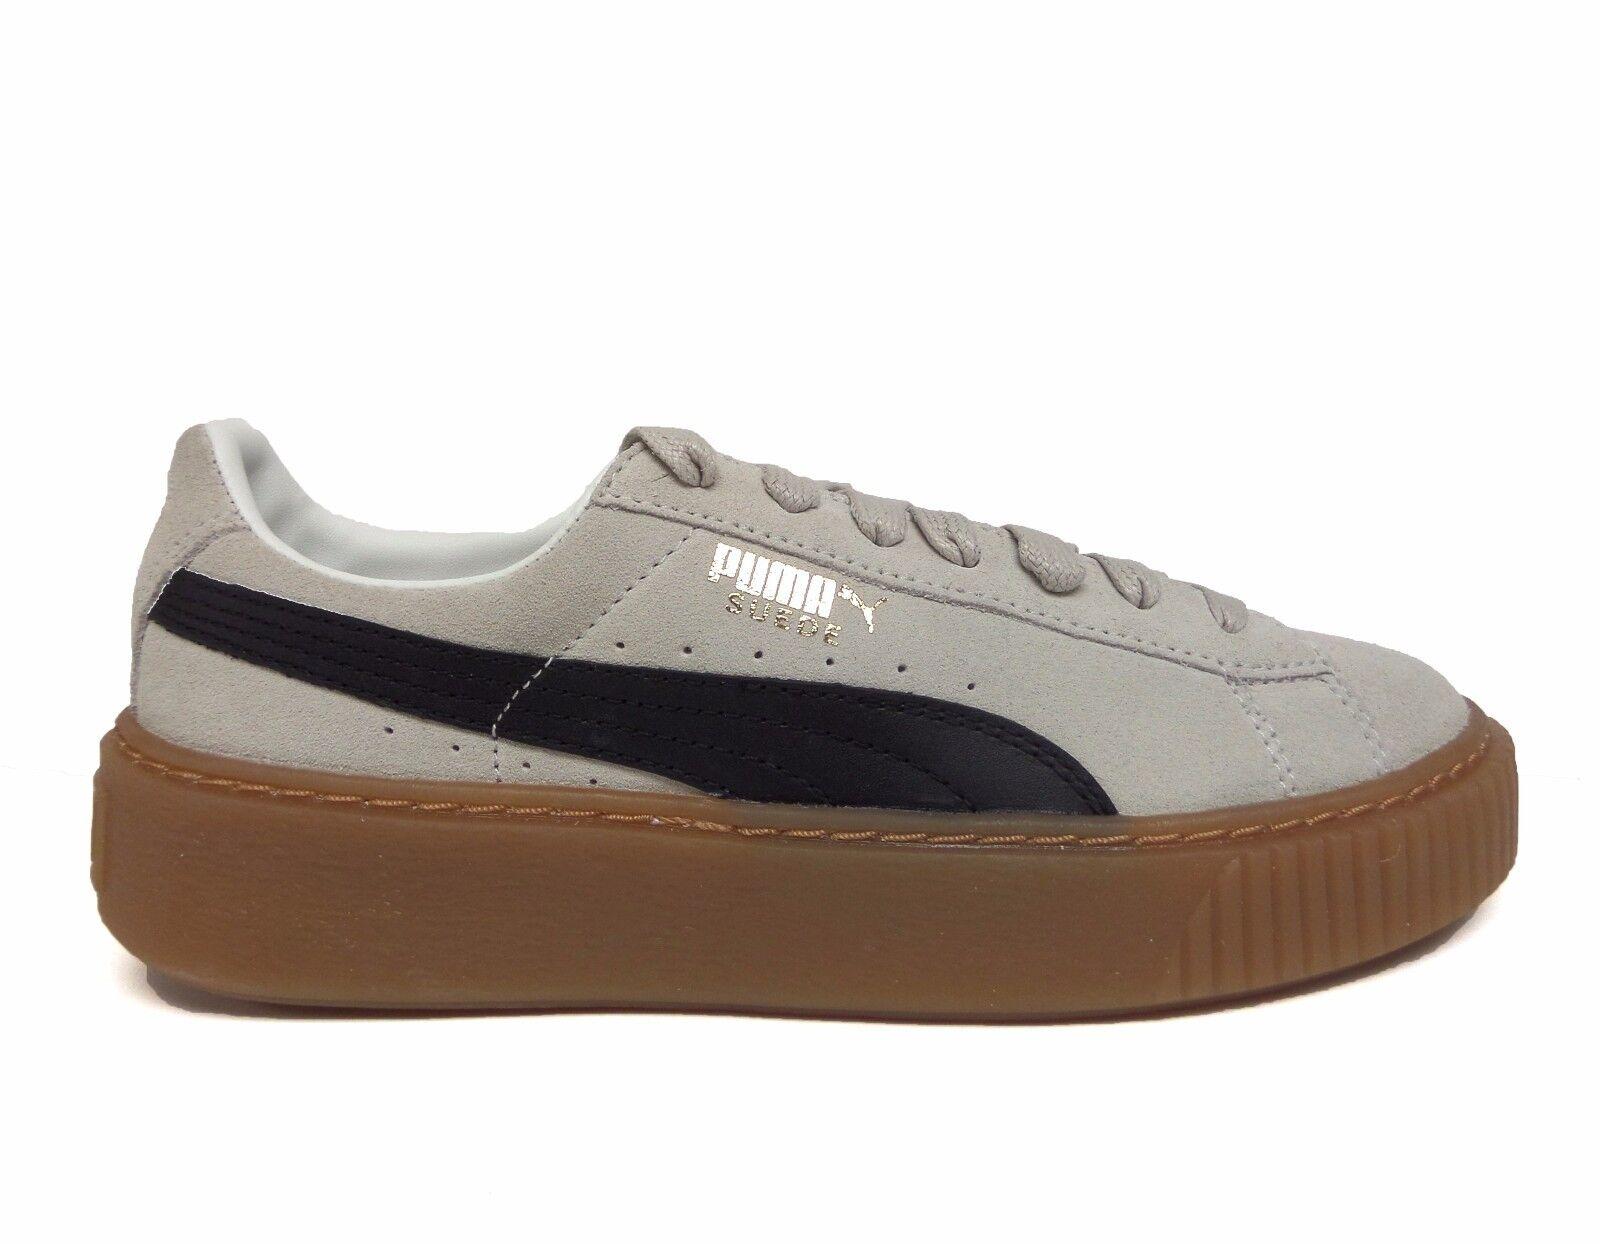 Le scarpe di camoscio, nero piattaforma centrale bianco / nero camoscio,